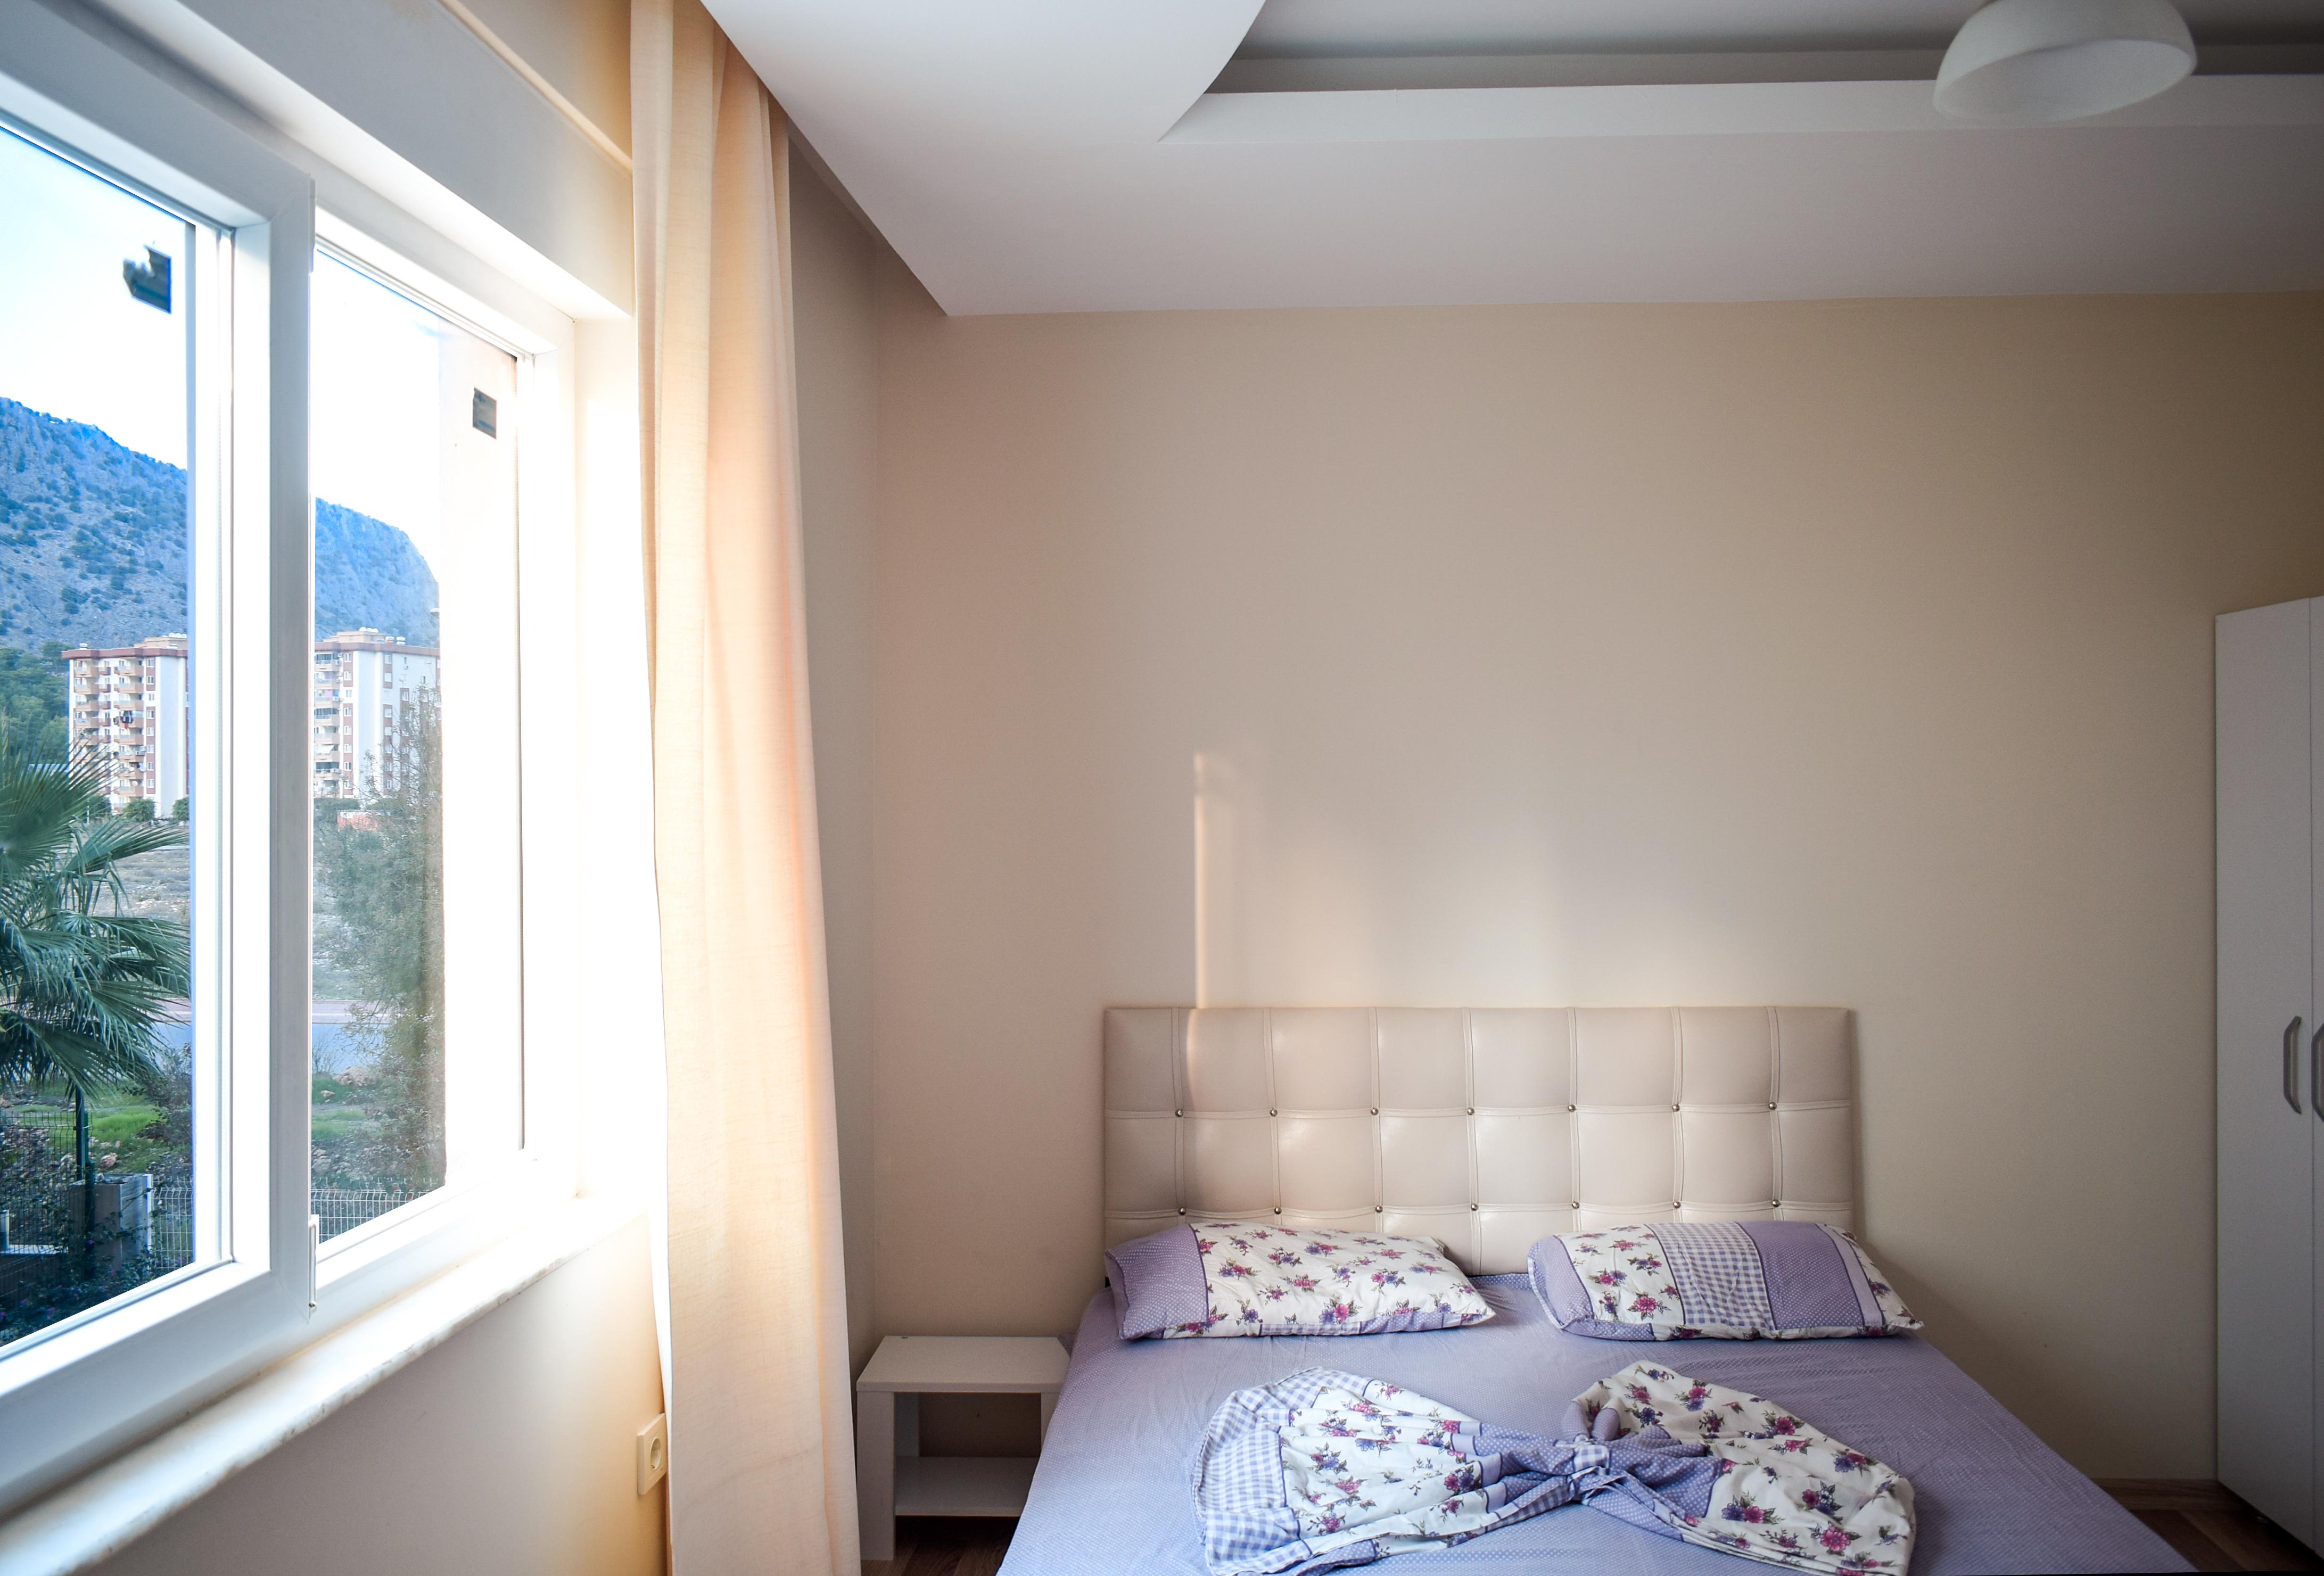 Ferienwohnung Gerumige 2 Schlafzimmer fr 5 Personen mit Blick auf die Berge Gratis Wifi (2782160), Çakirlar, , Mittelmeerregion, Türkei, Bild 9